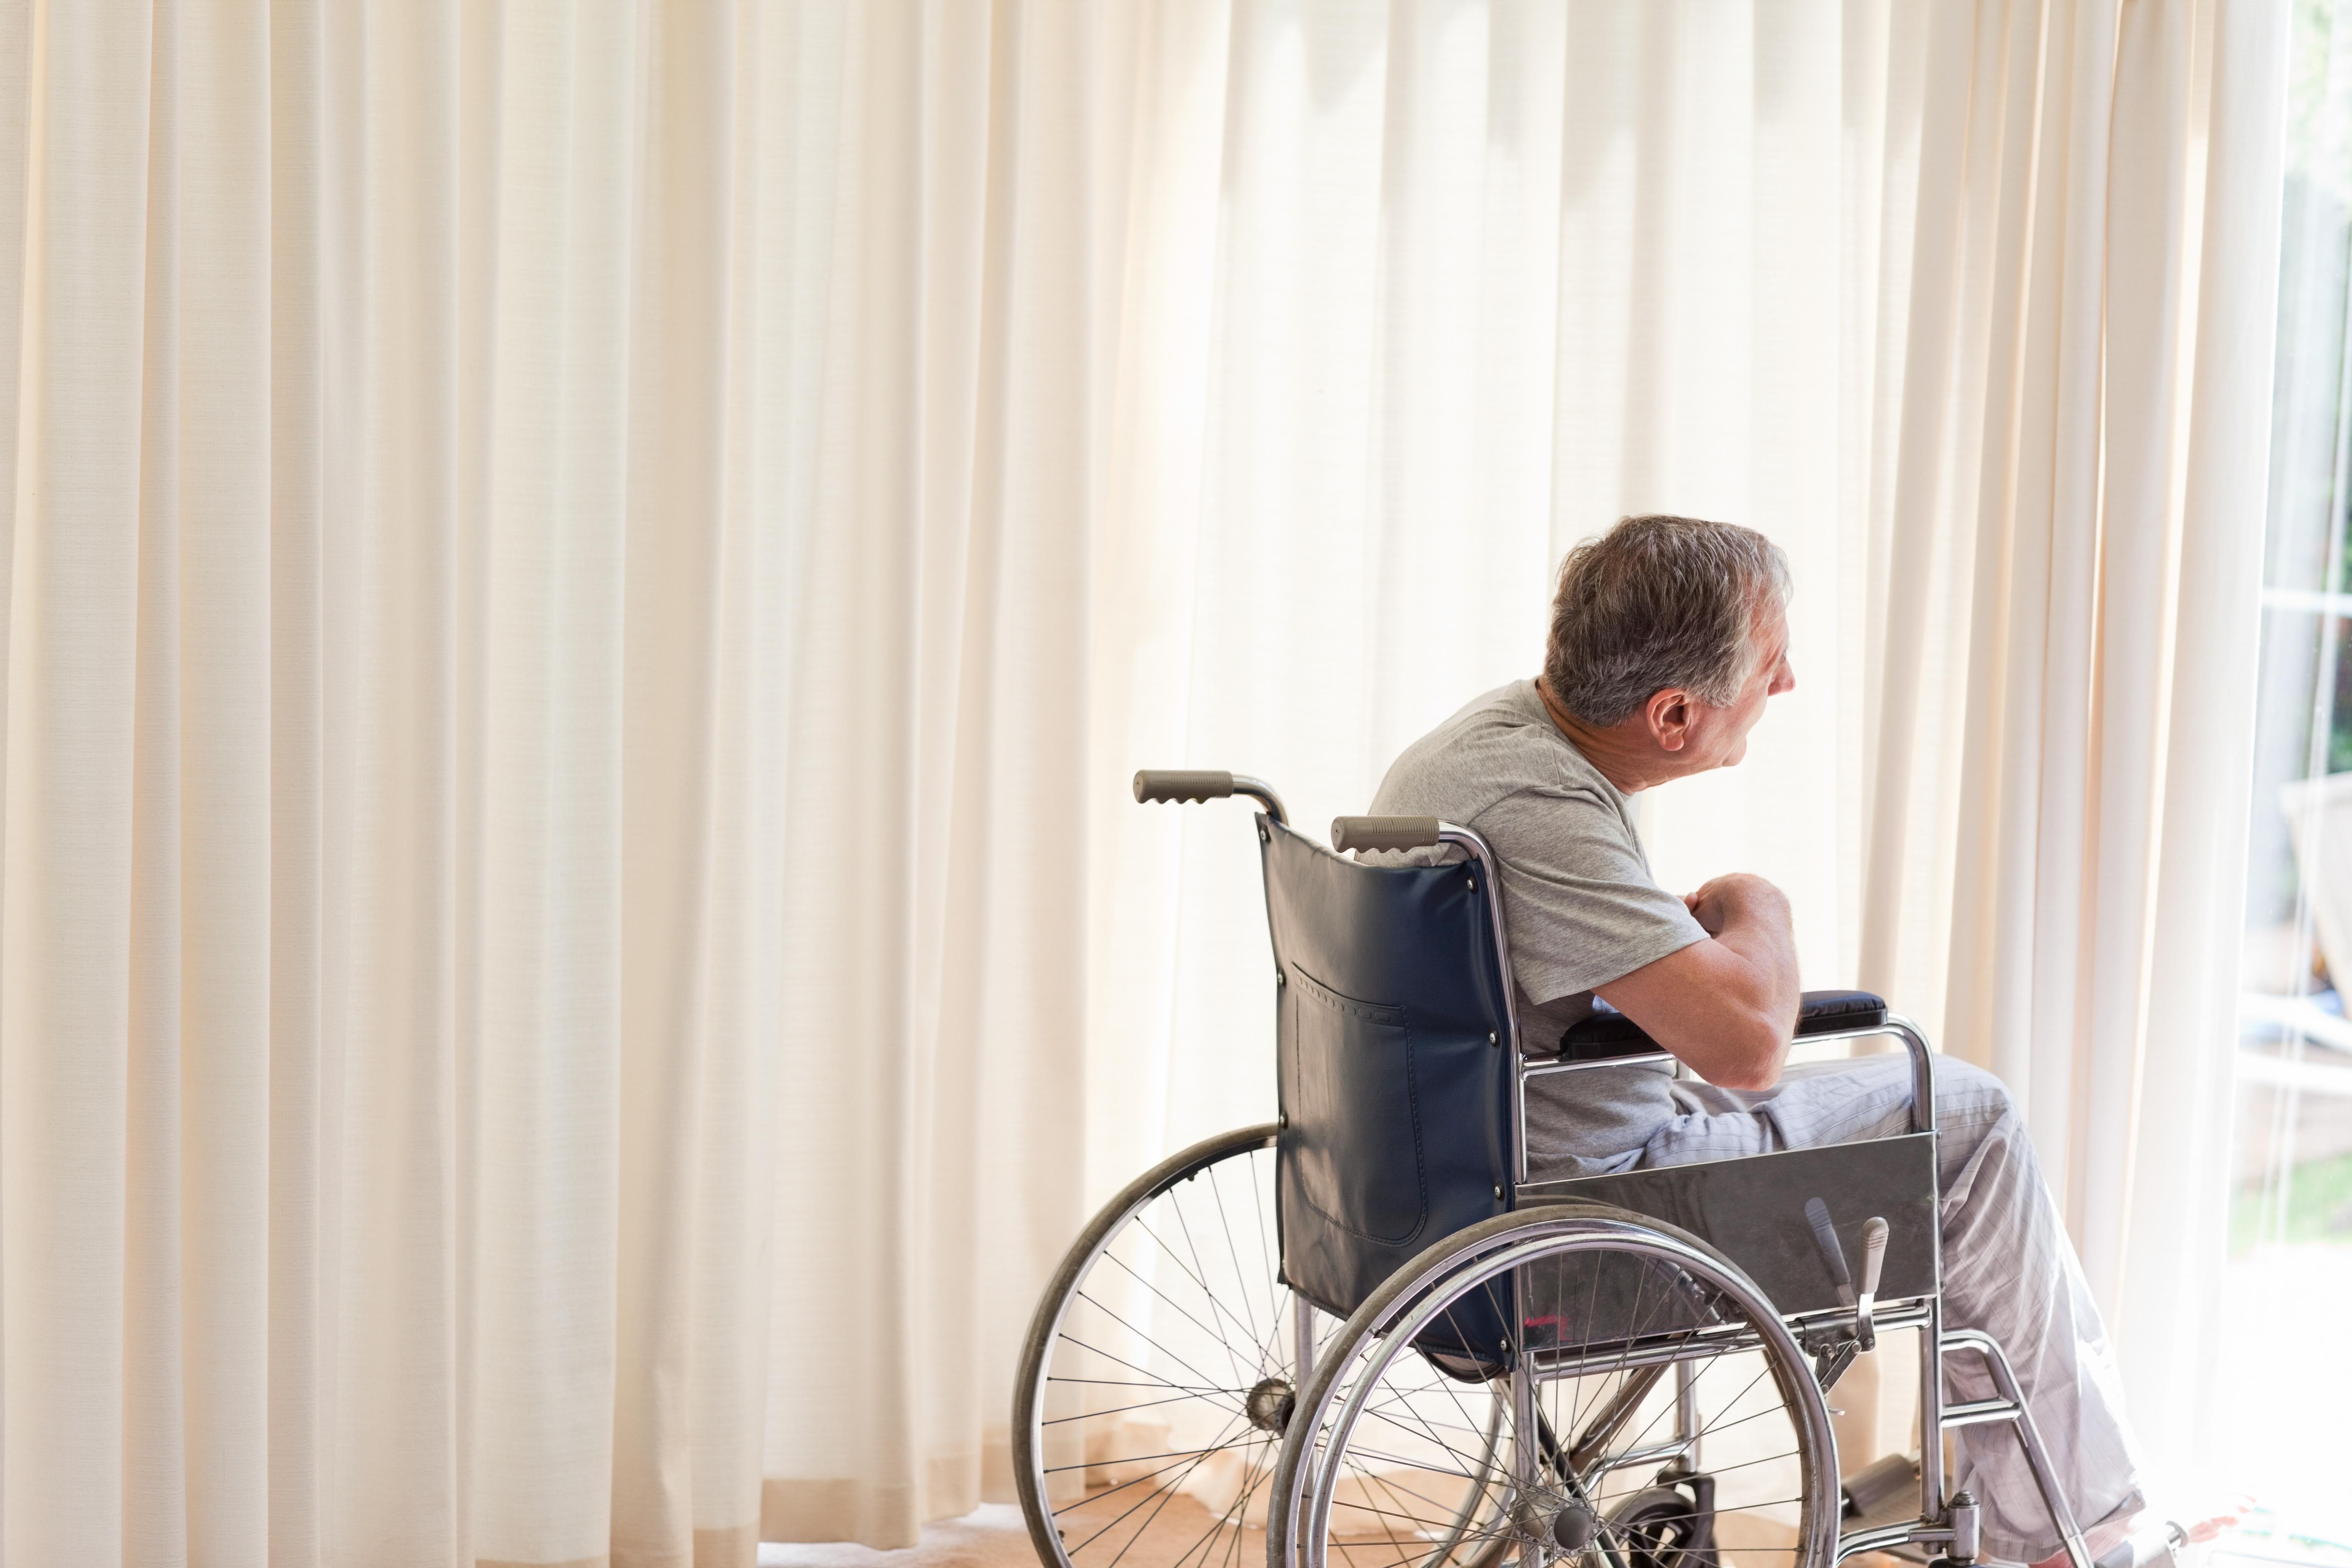 Spasticitet förutsätter en neurologisk sjukdom eller skada som ger upphov till kontinuerlig ökad muskelspänning.